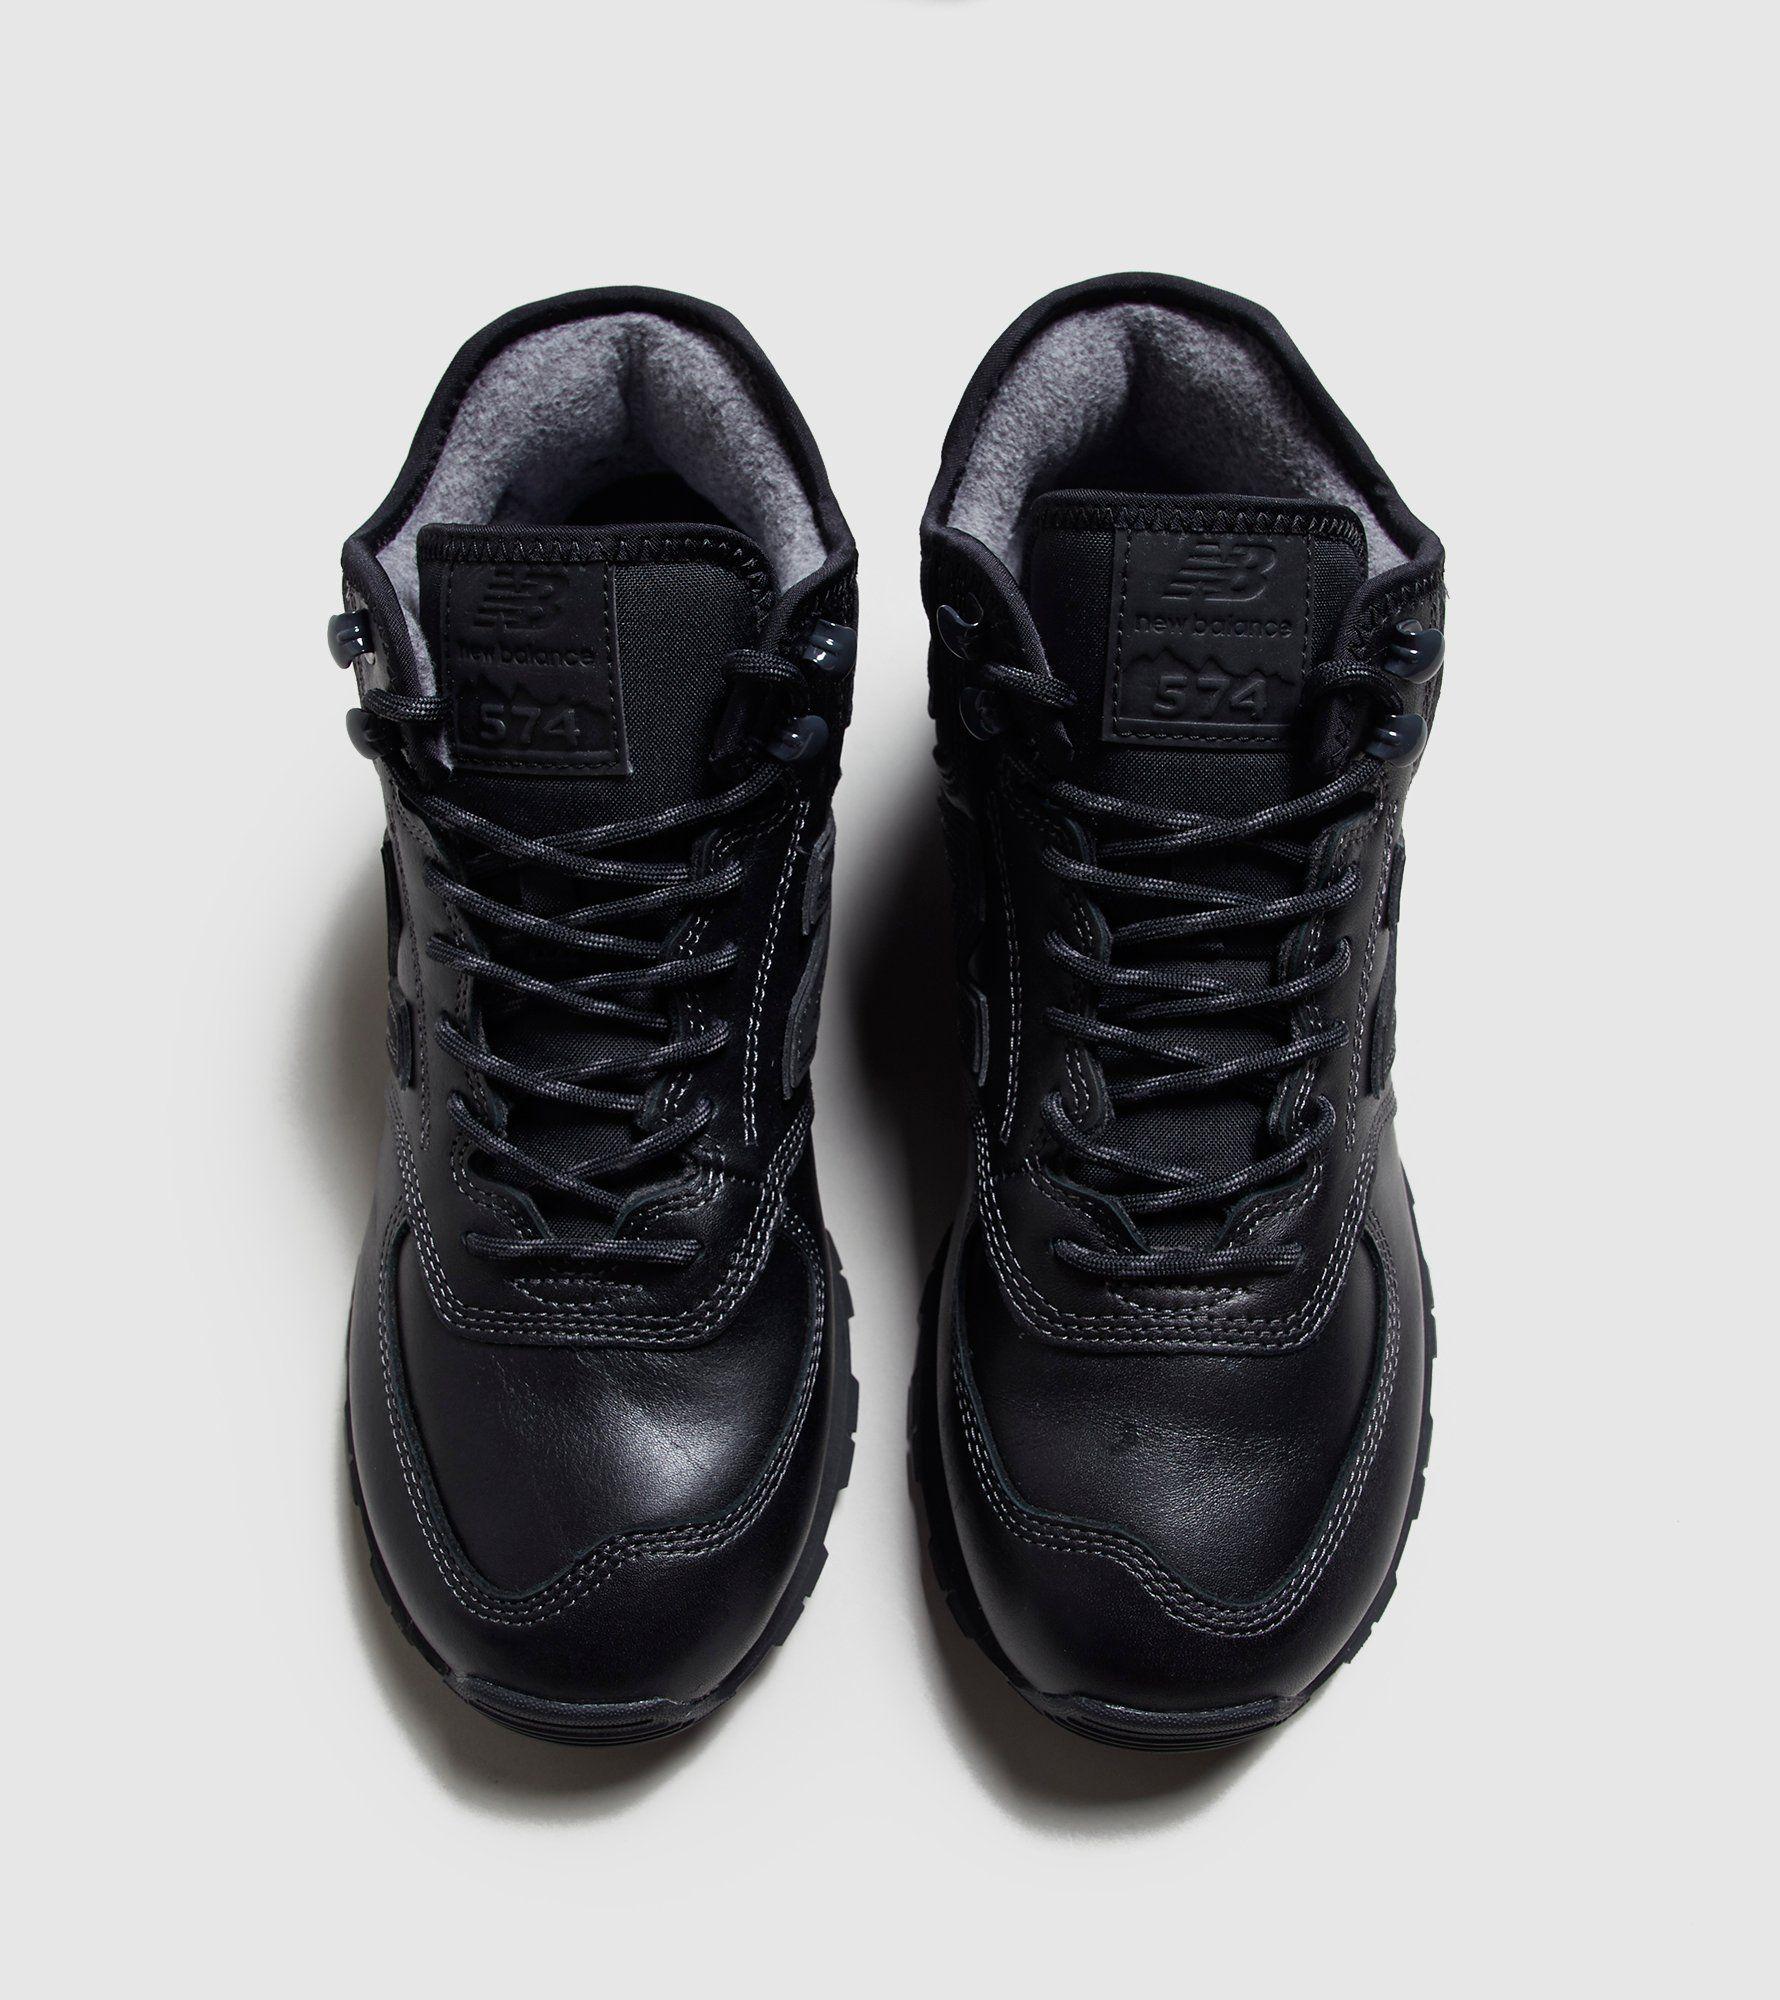 New Balance 574 OG Boot